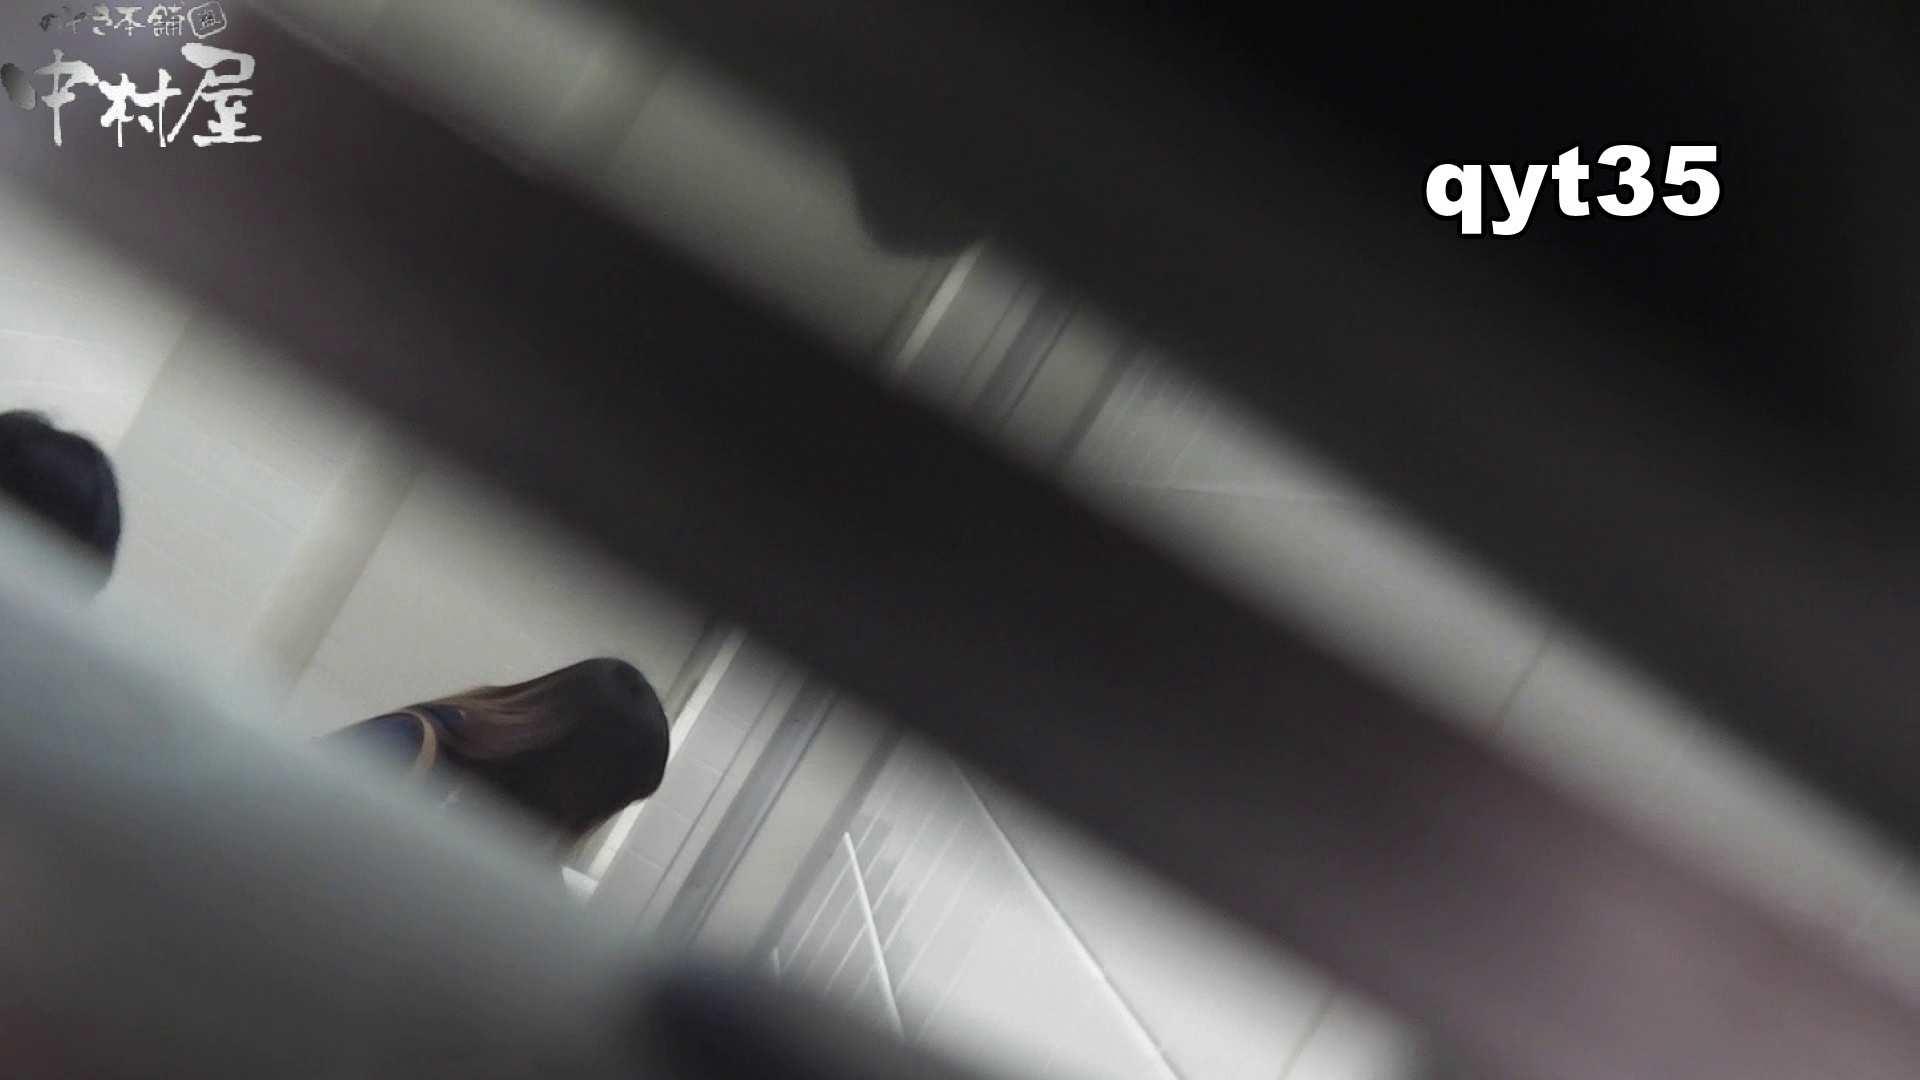 【お銀さんの「洗面所突入レポート!!」】お銀さんの「洗面所突入レポート!!」 vol.35 広げると出ます 洗面所 | HなOL  68pic 7